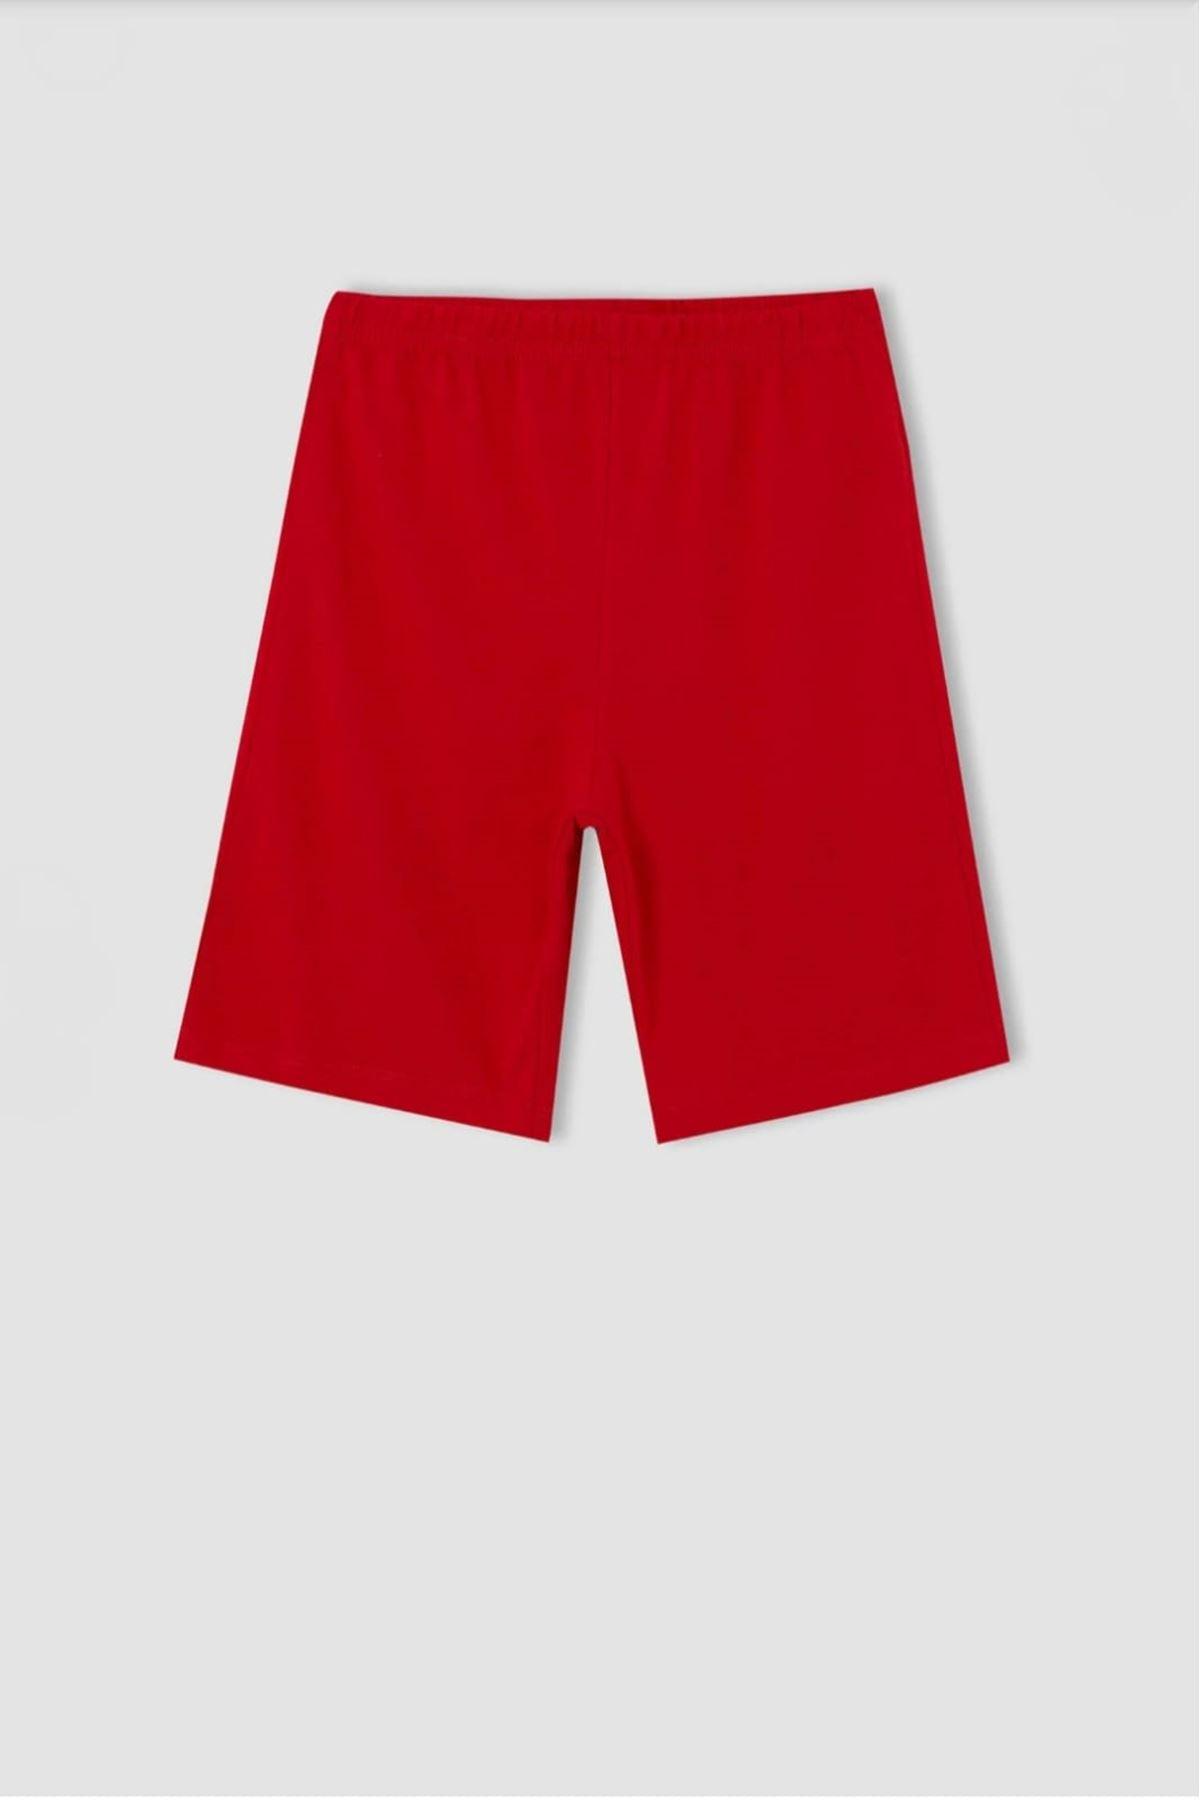 Erkek Çocuk Baskılı 2'li Kırmızı Takım